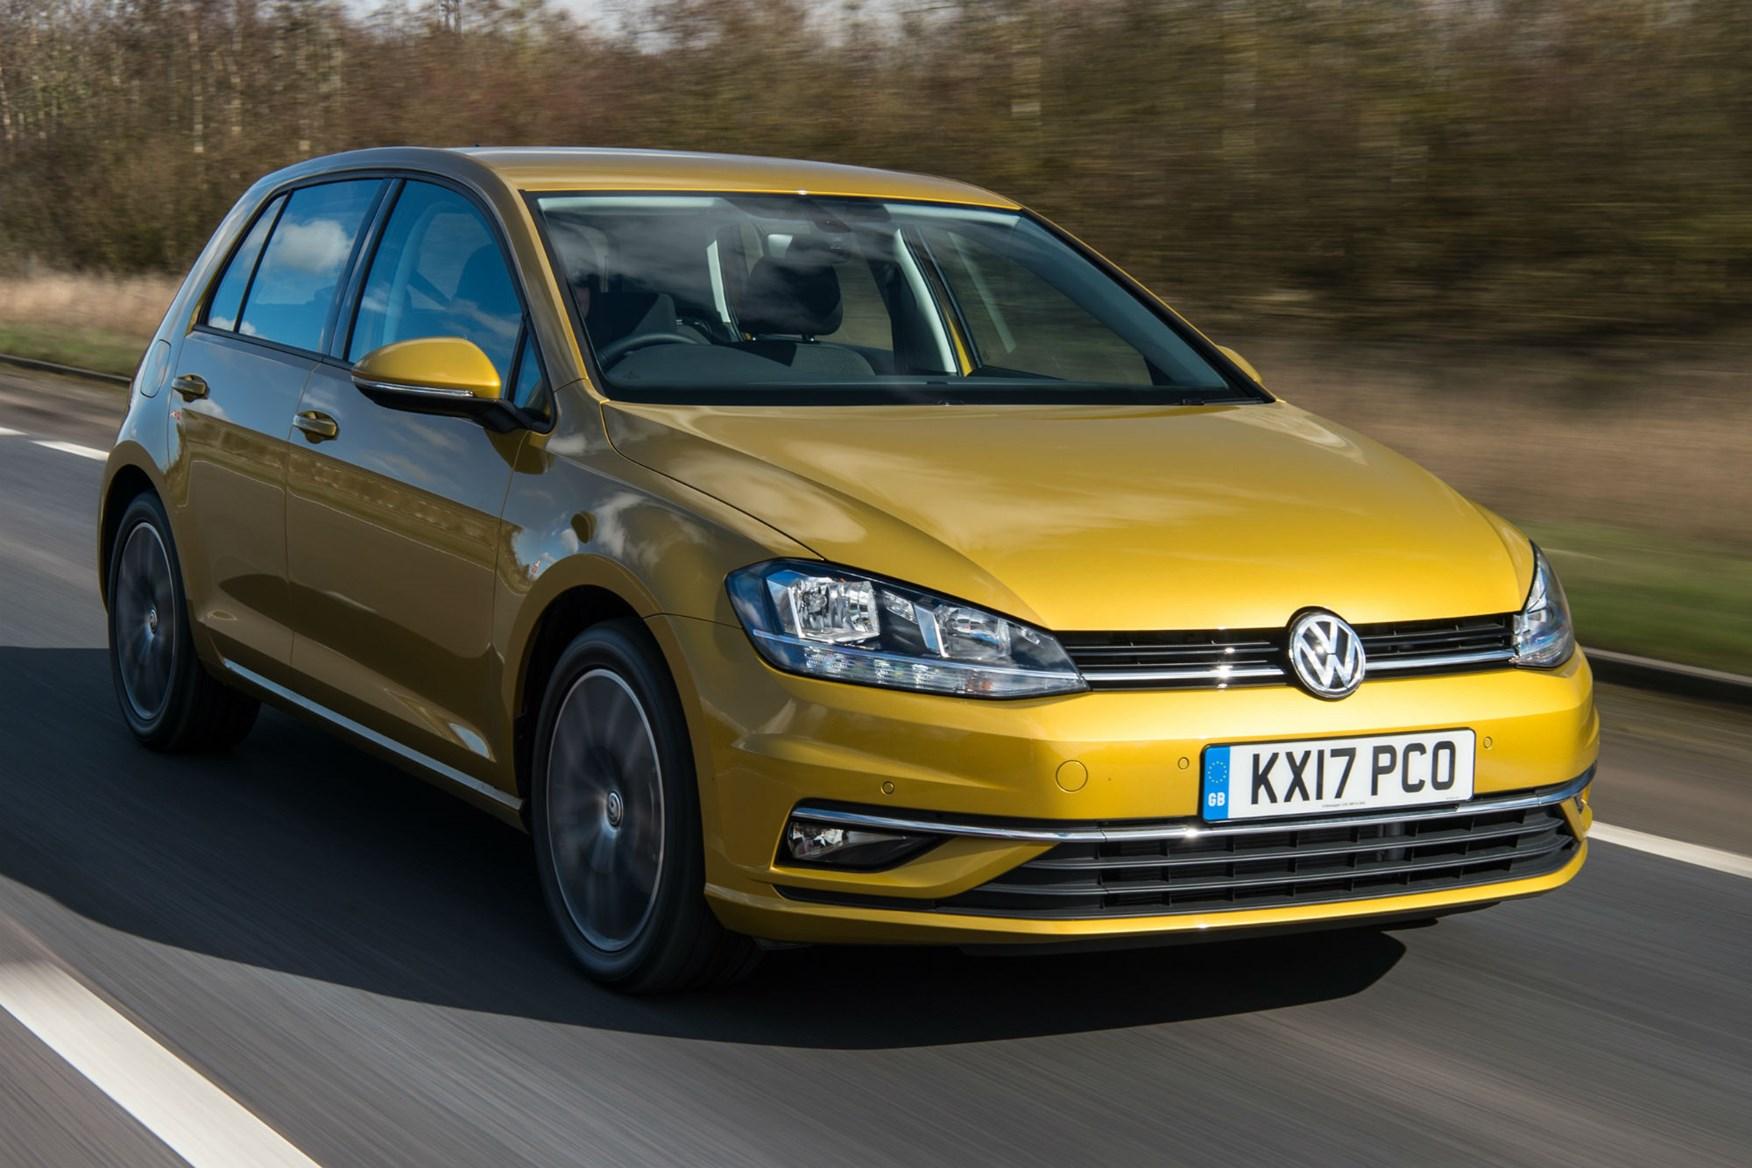 Volkswagen Golf PCP finance